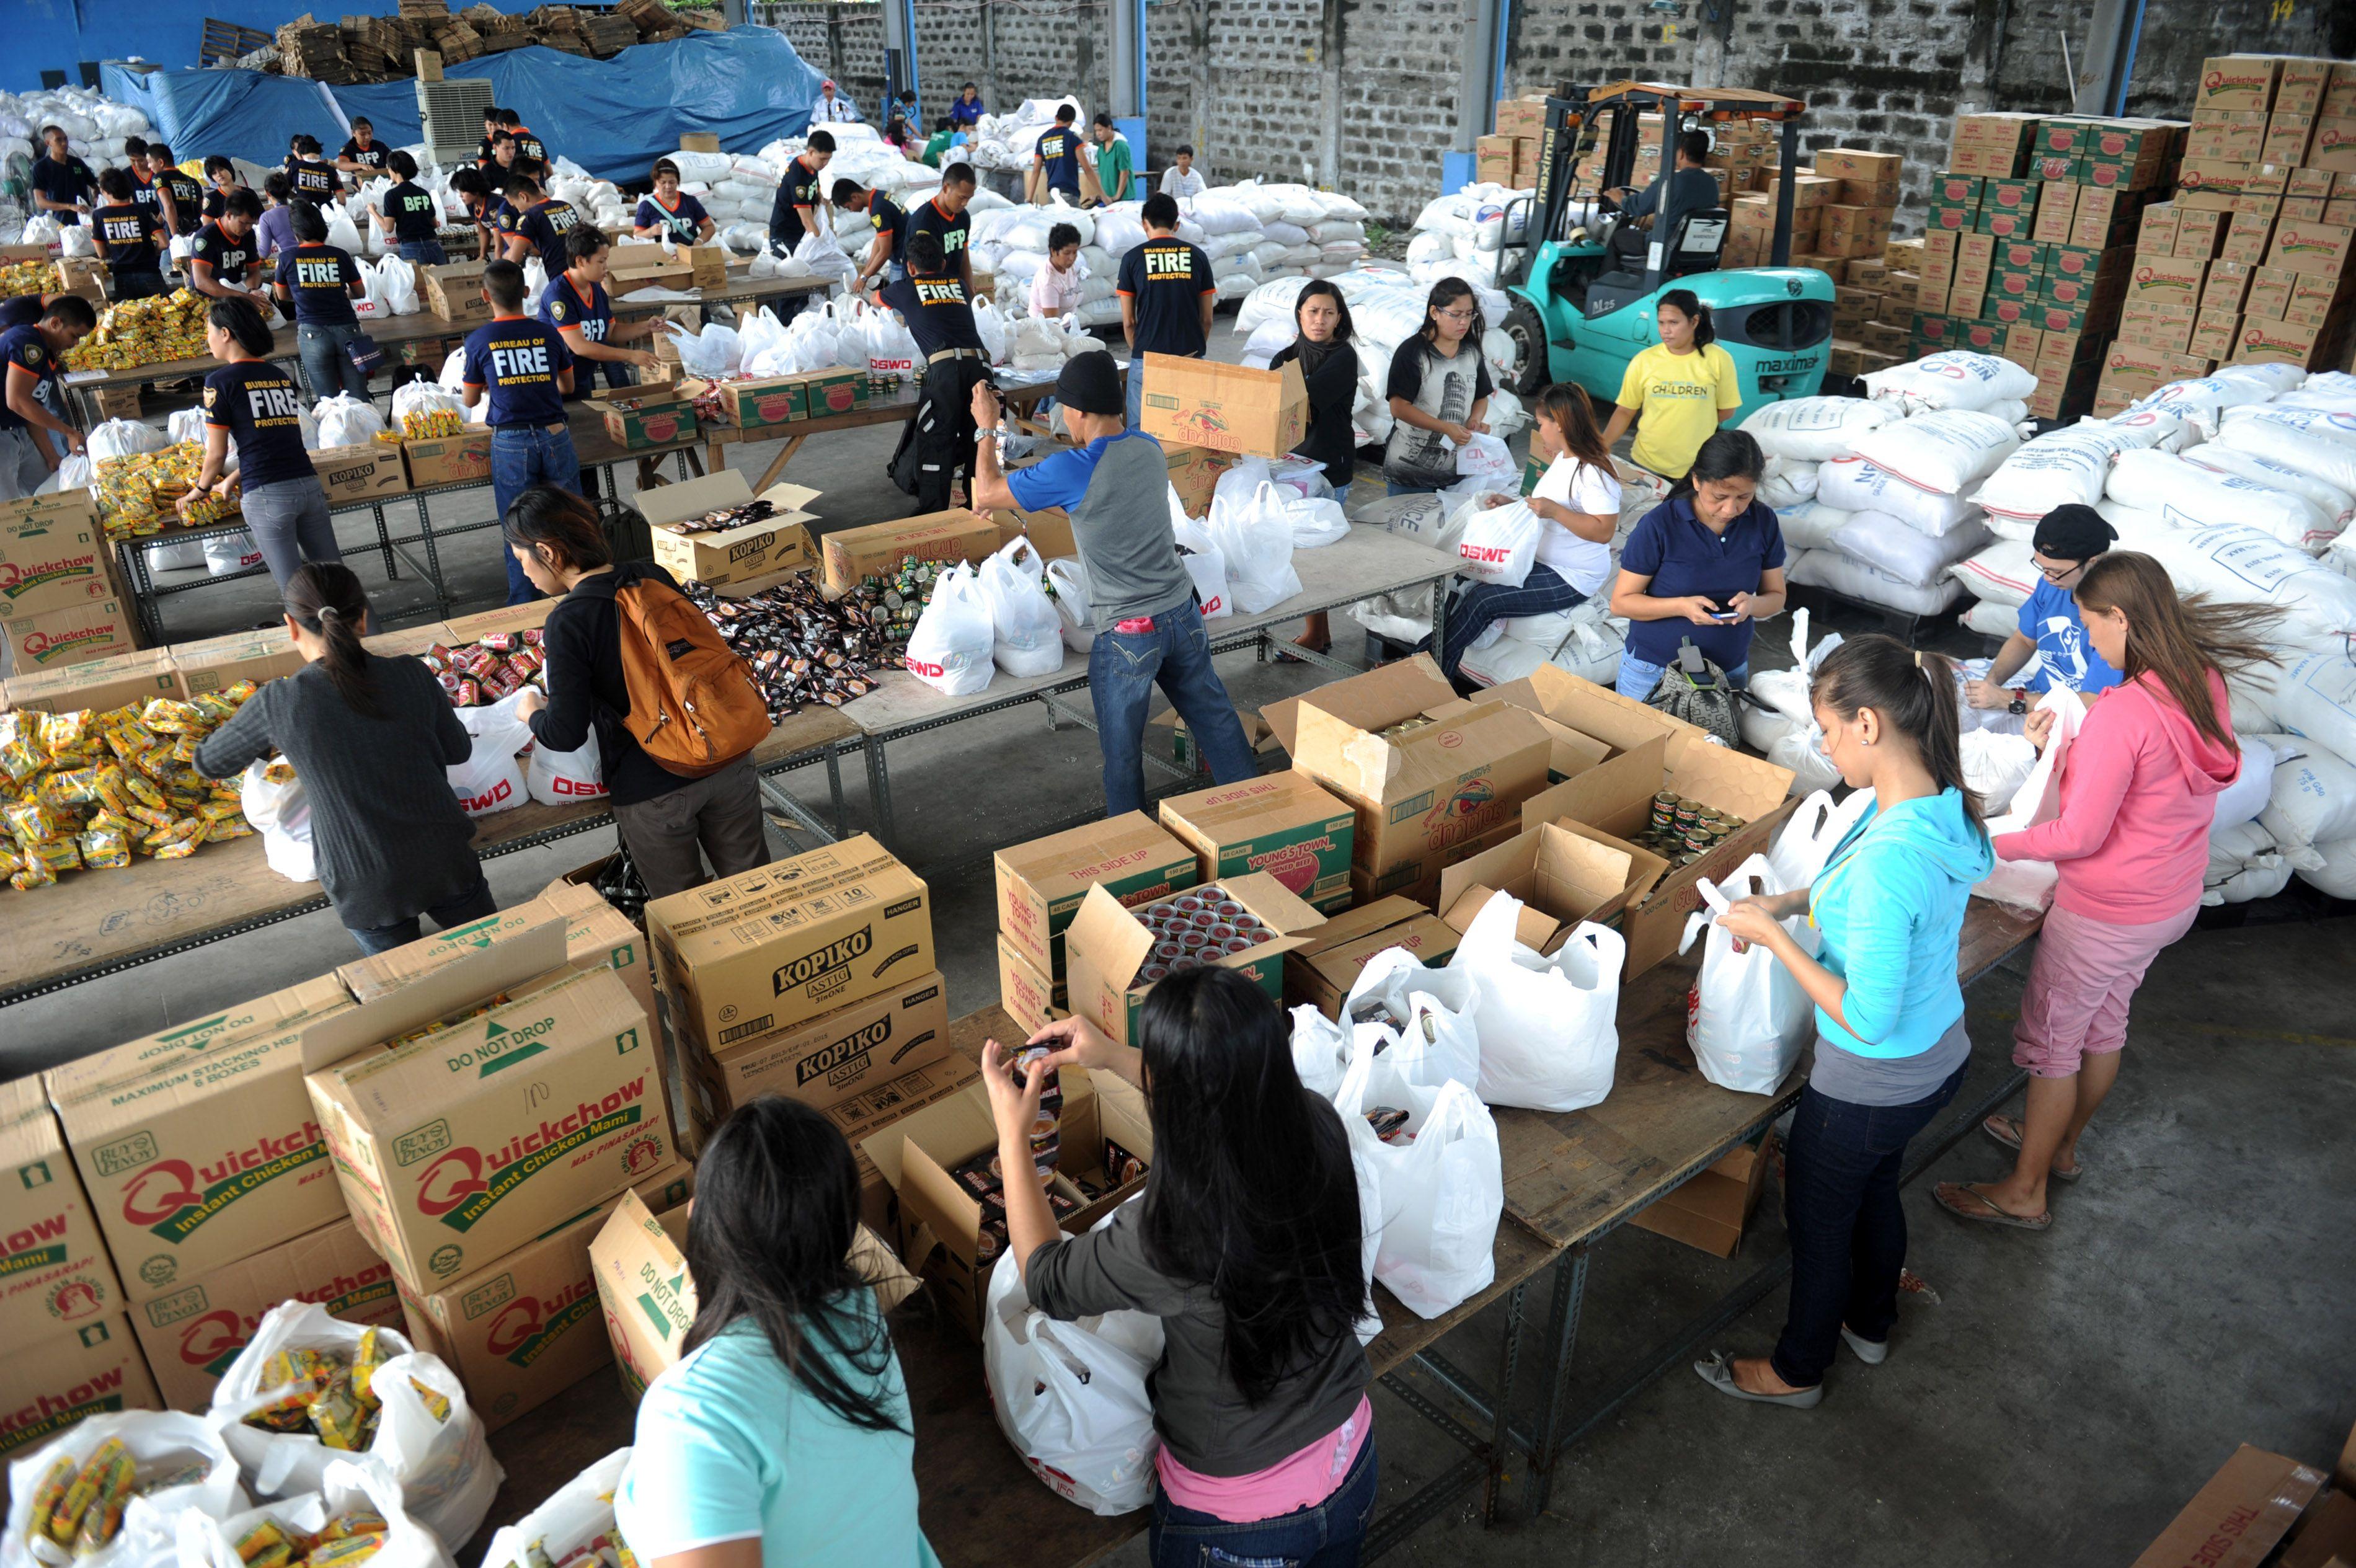 As organizações humanitárias estão já a preparar bens de primeira necessidade para enviar para Tacloban